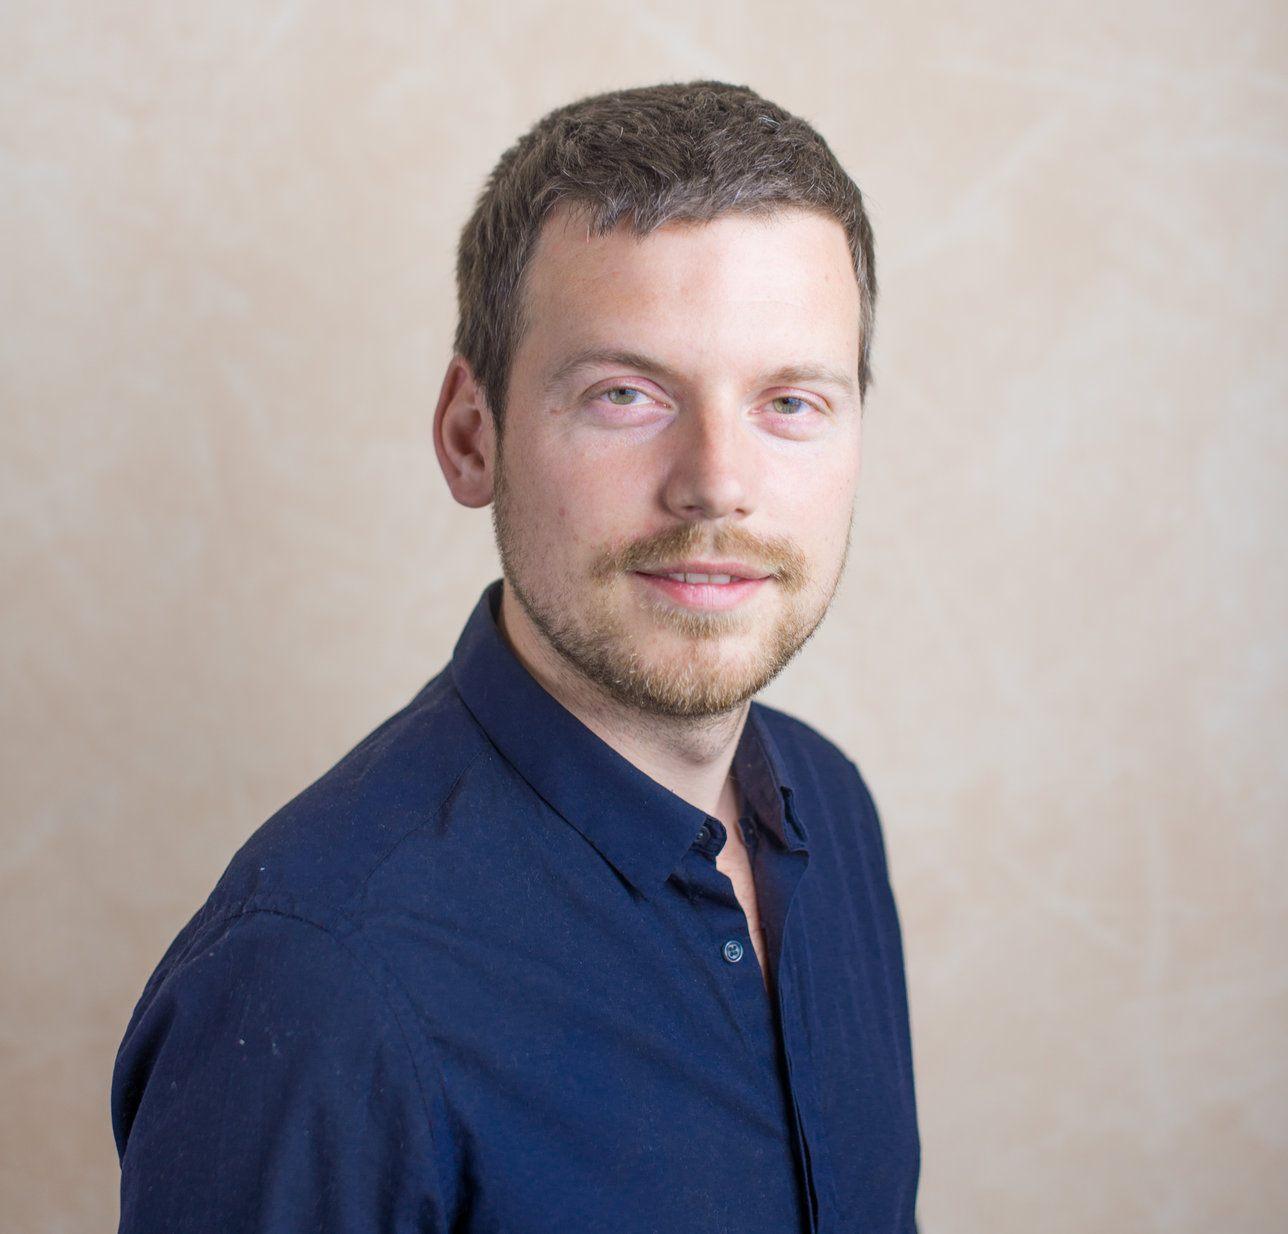 Roman-Buchta-Coach-formateur-apprendre-à-apprendre-gestion-du-stress-préparation-mentale-photo